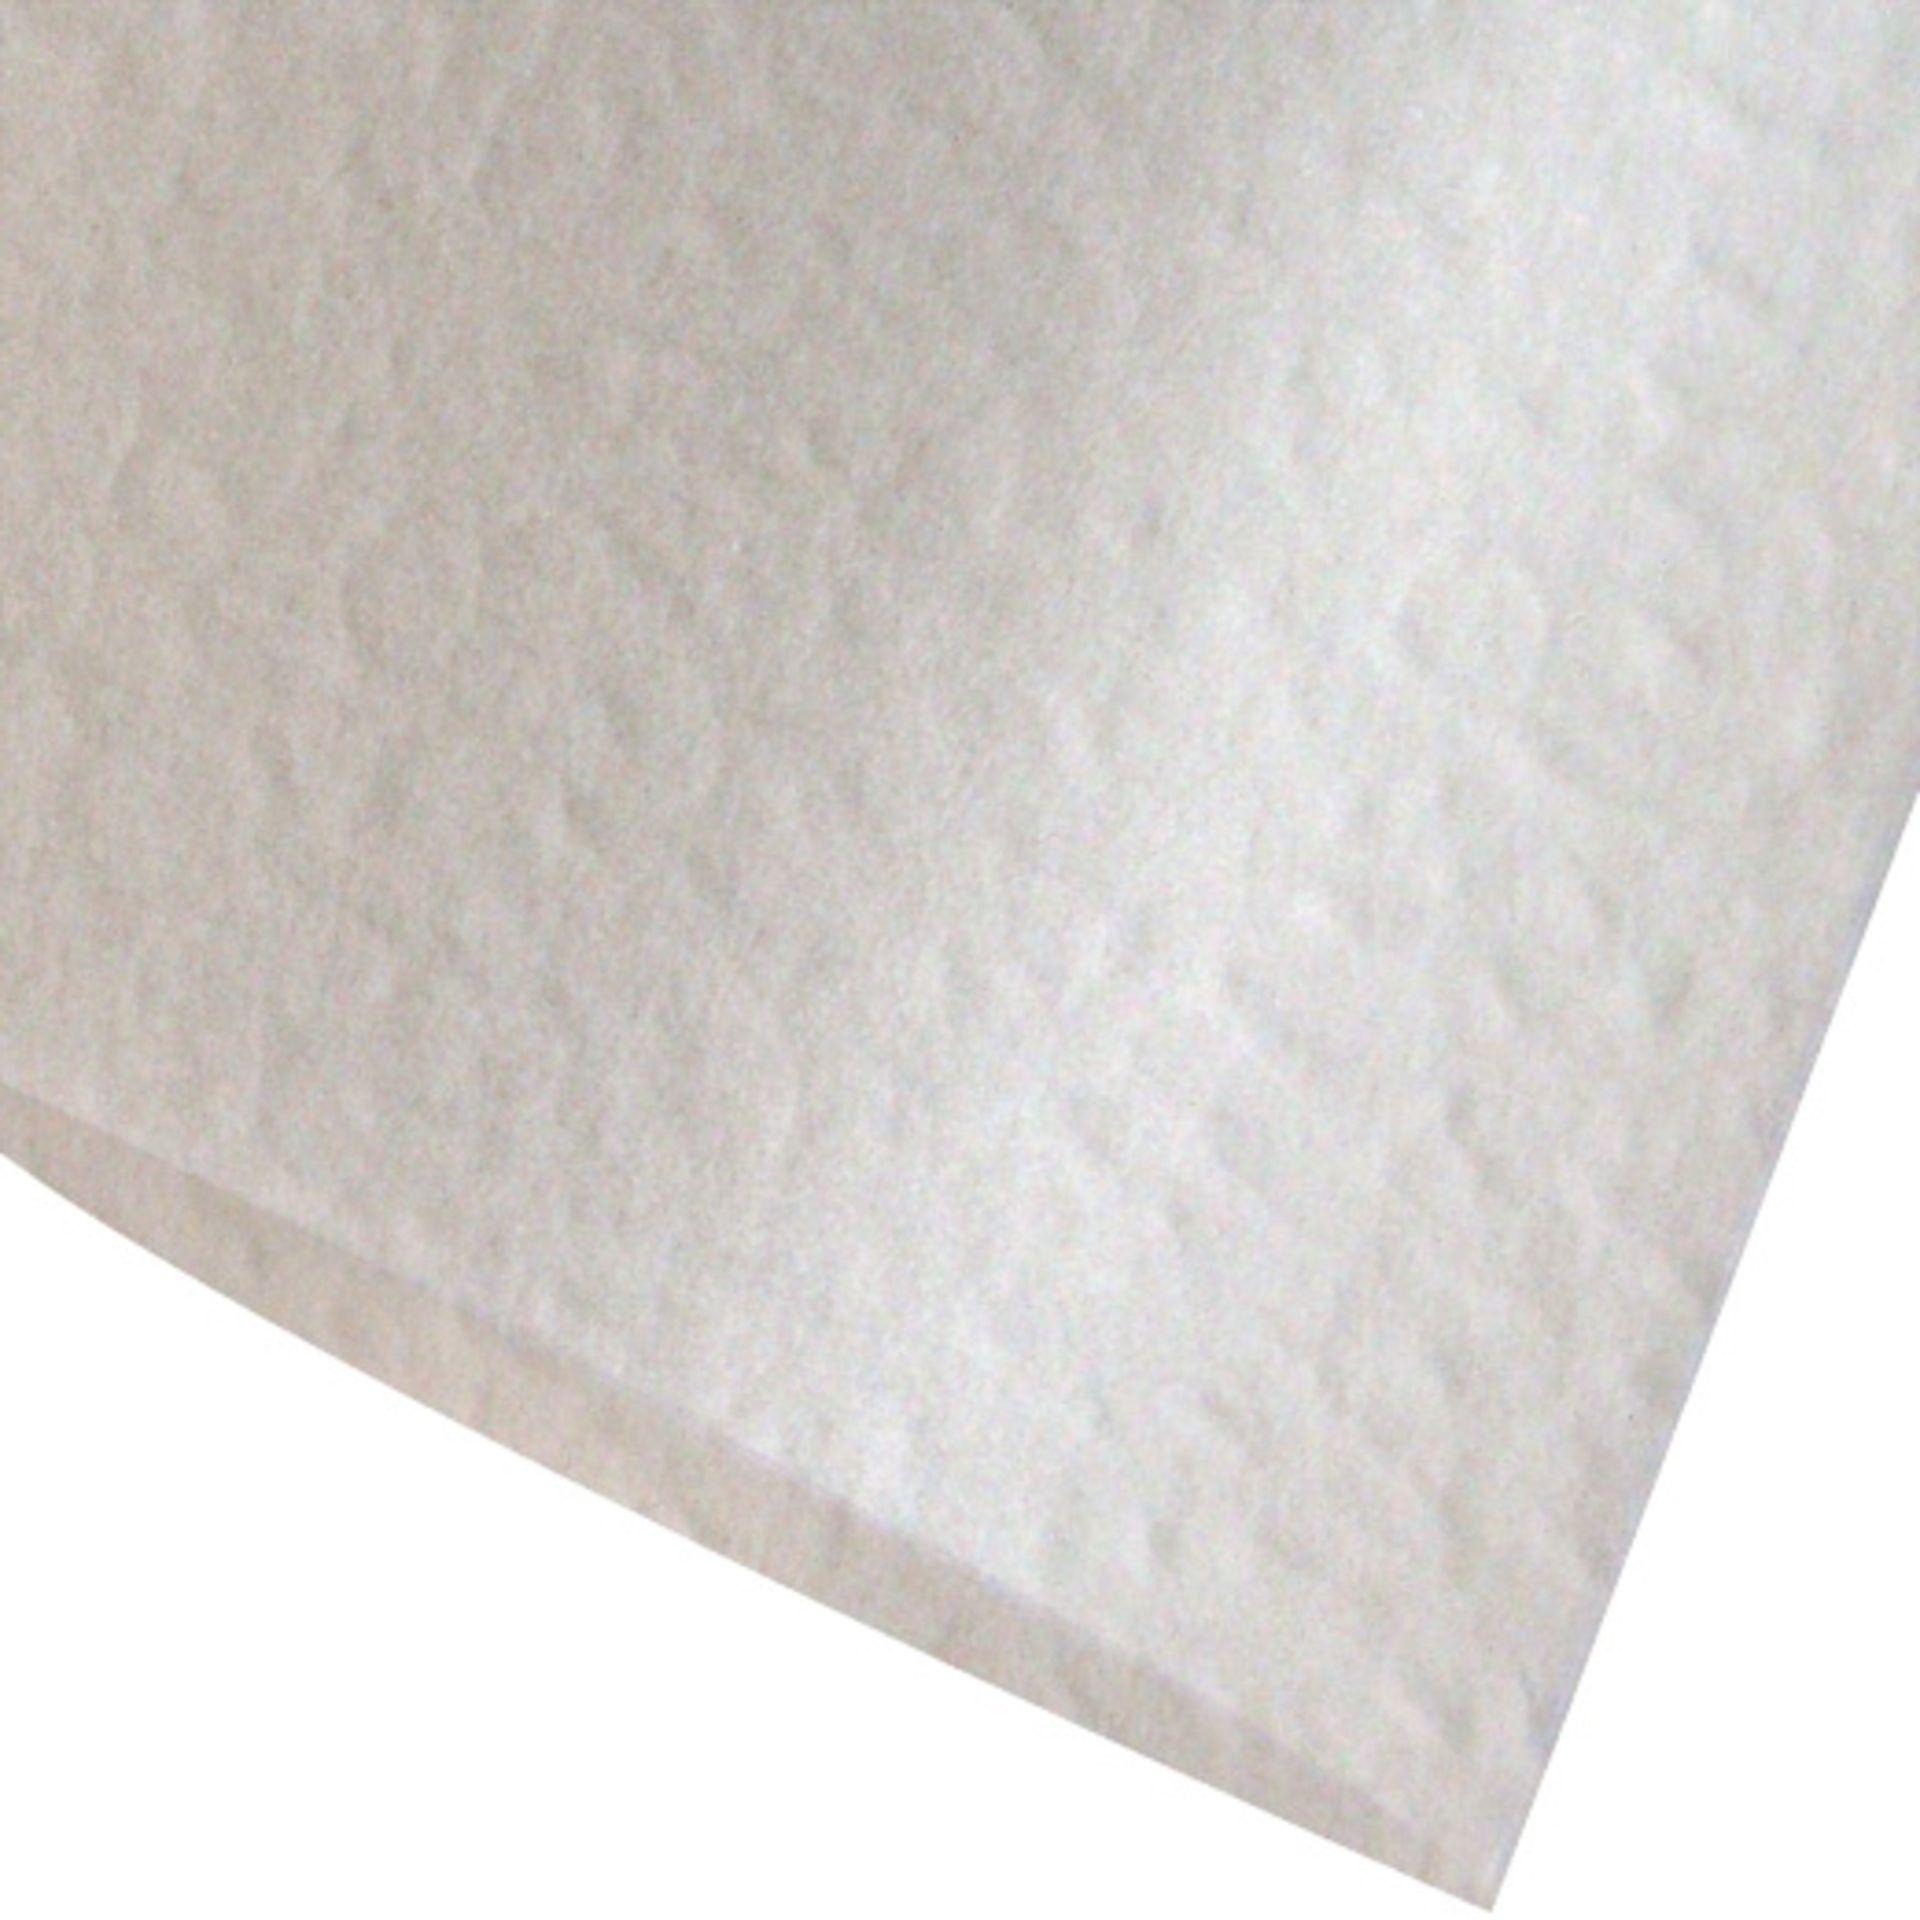 exklusive papierauswahl für ihre hochzeitseinladungen, Einladung